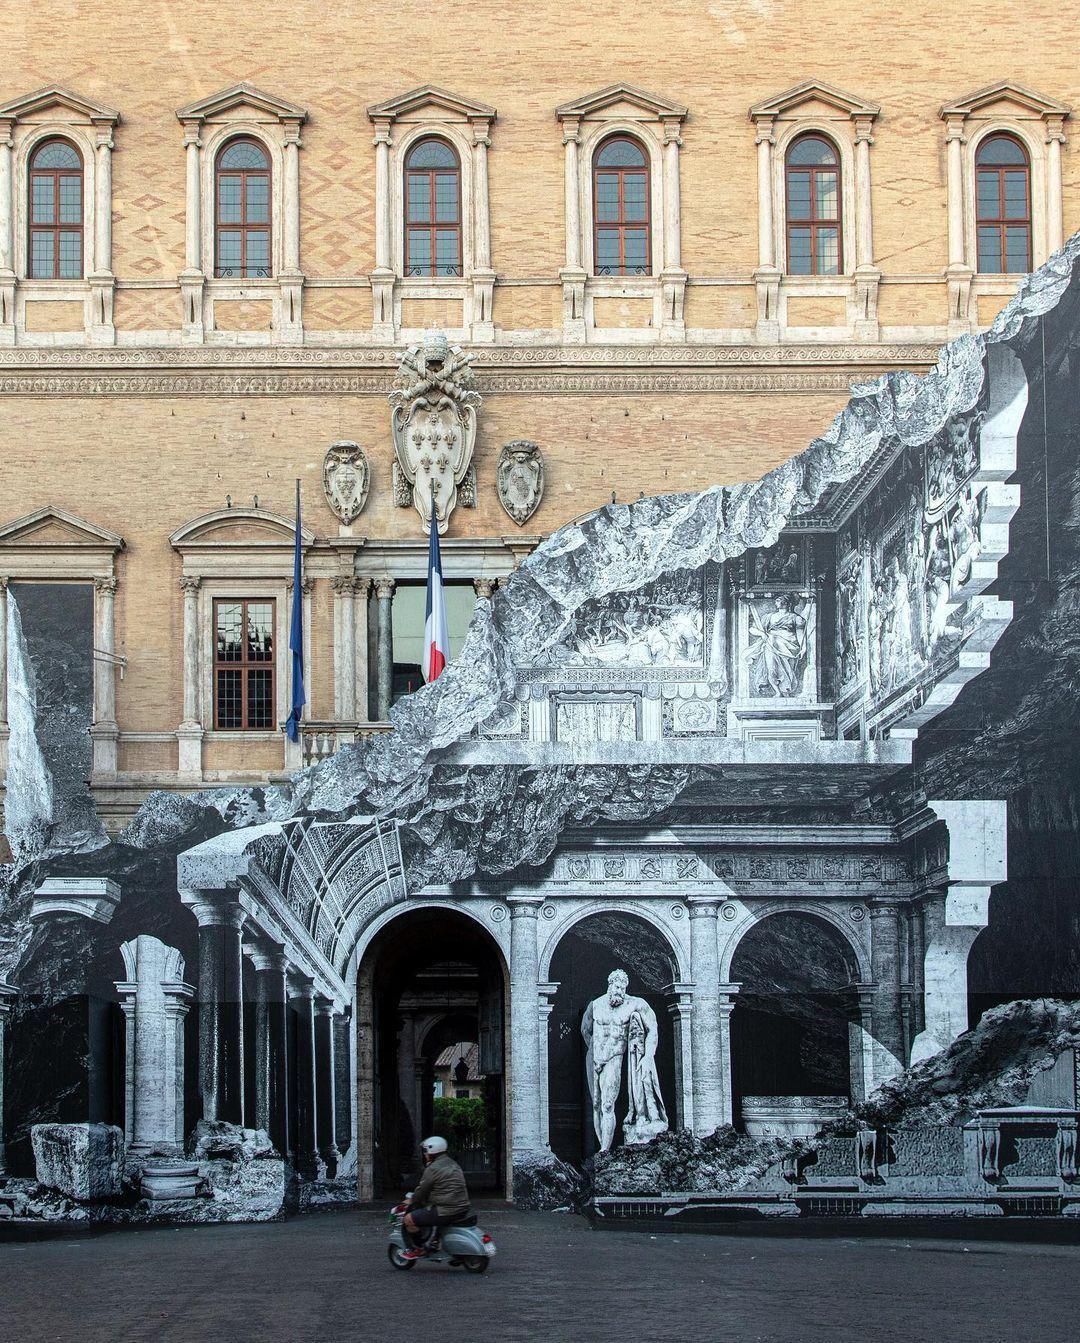 Új külsőt kapott a római Farnese palota JR street art művész munkájának köszönhetően